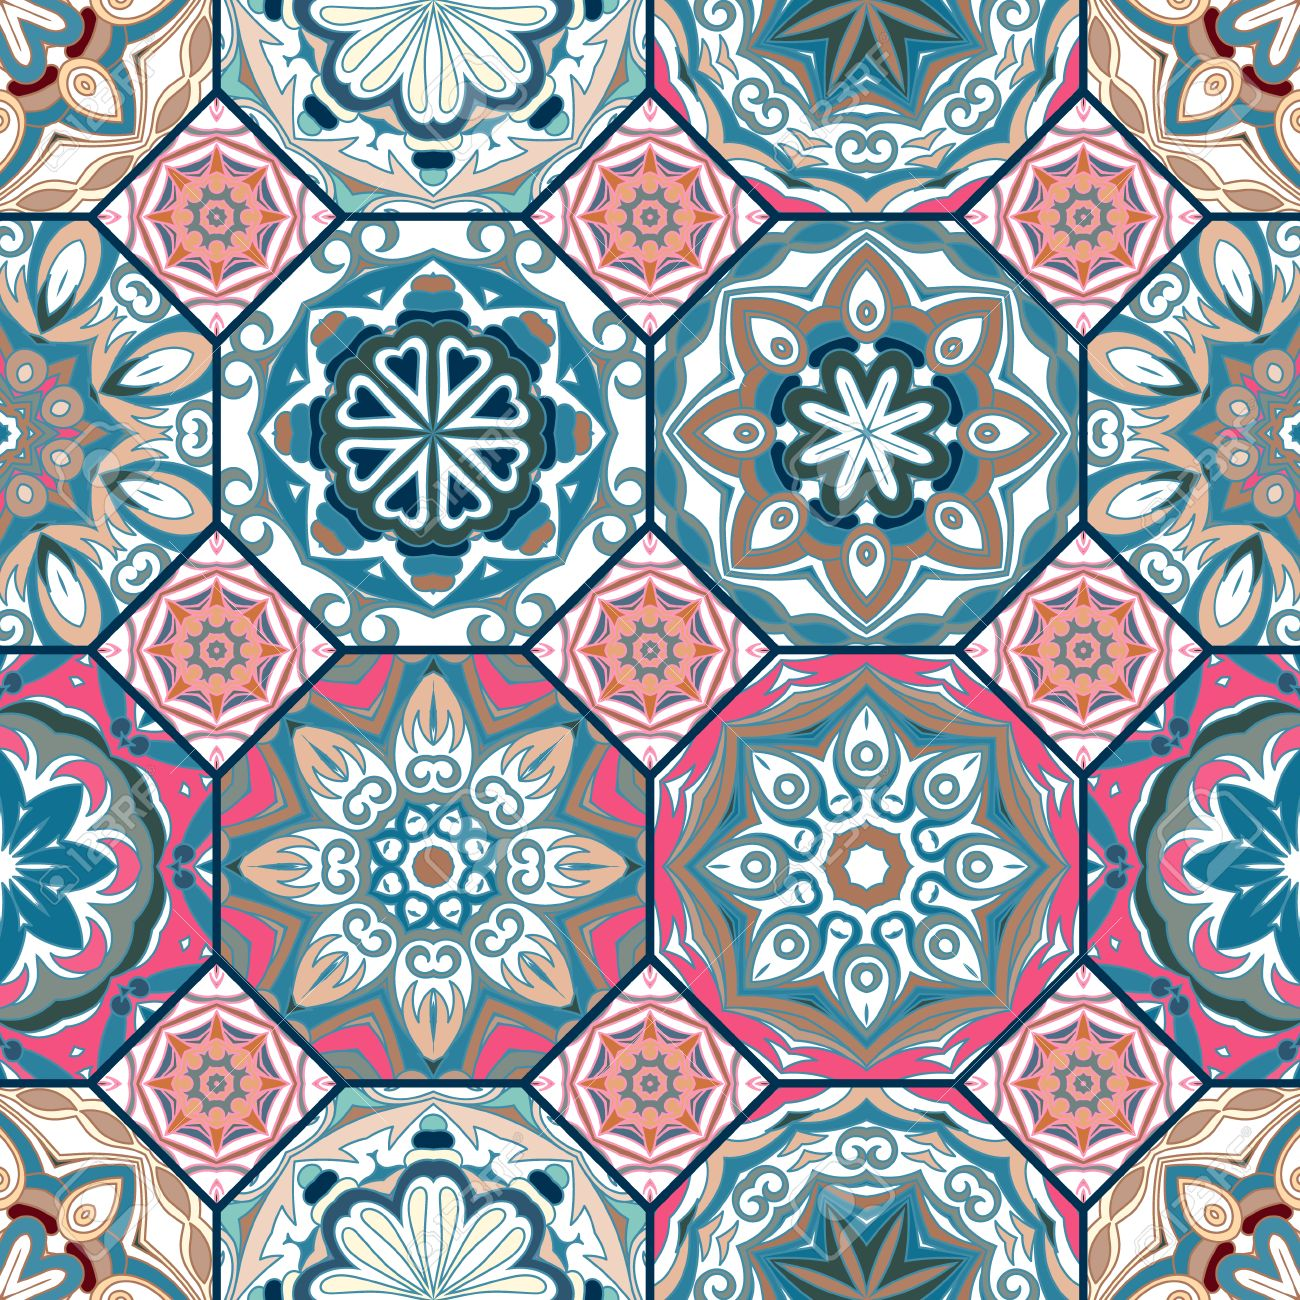 ゴージャスな花柄のタイル デザイン モロッコや地中海の八角形の